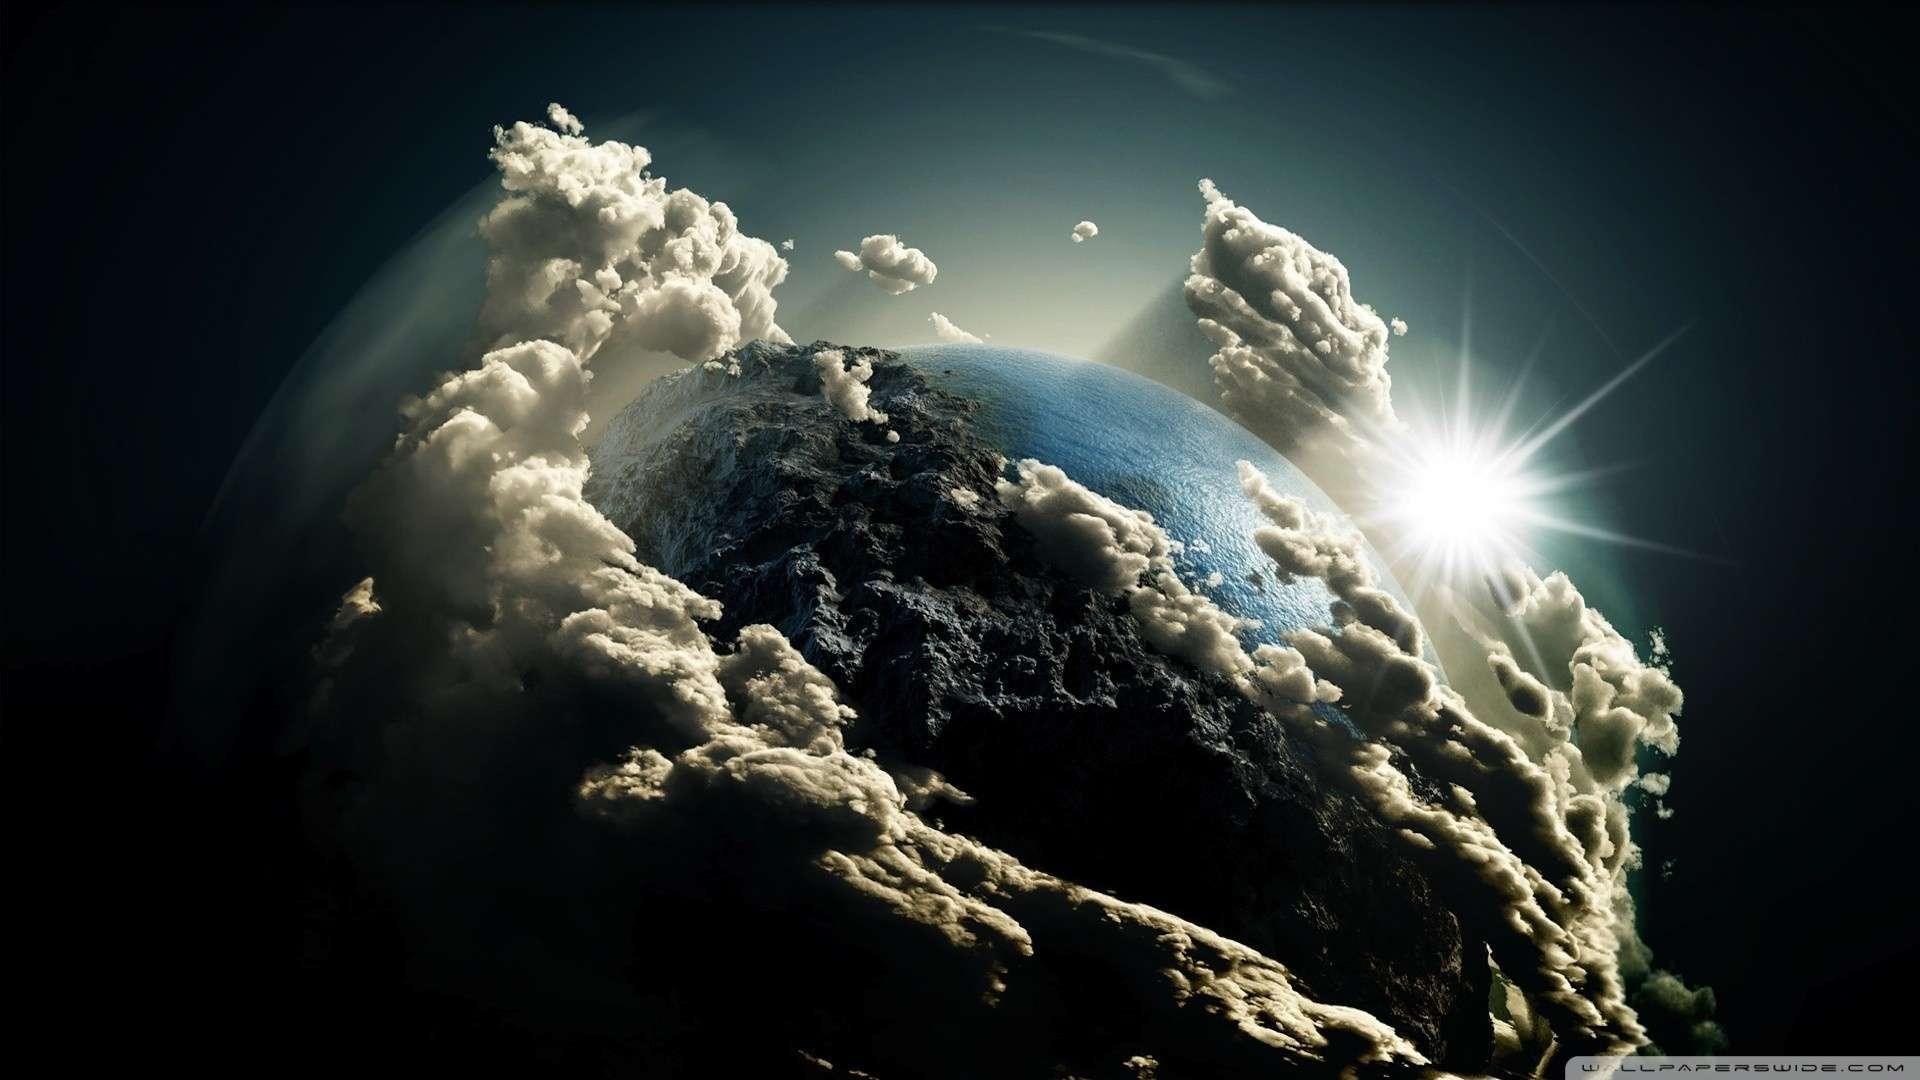 Earth Wallpaper HD 1080p - WallpaperSafari